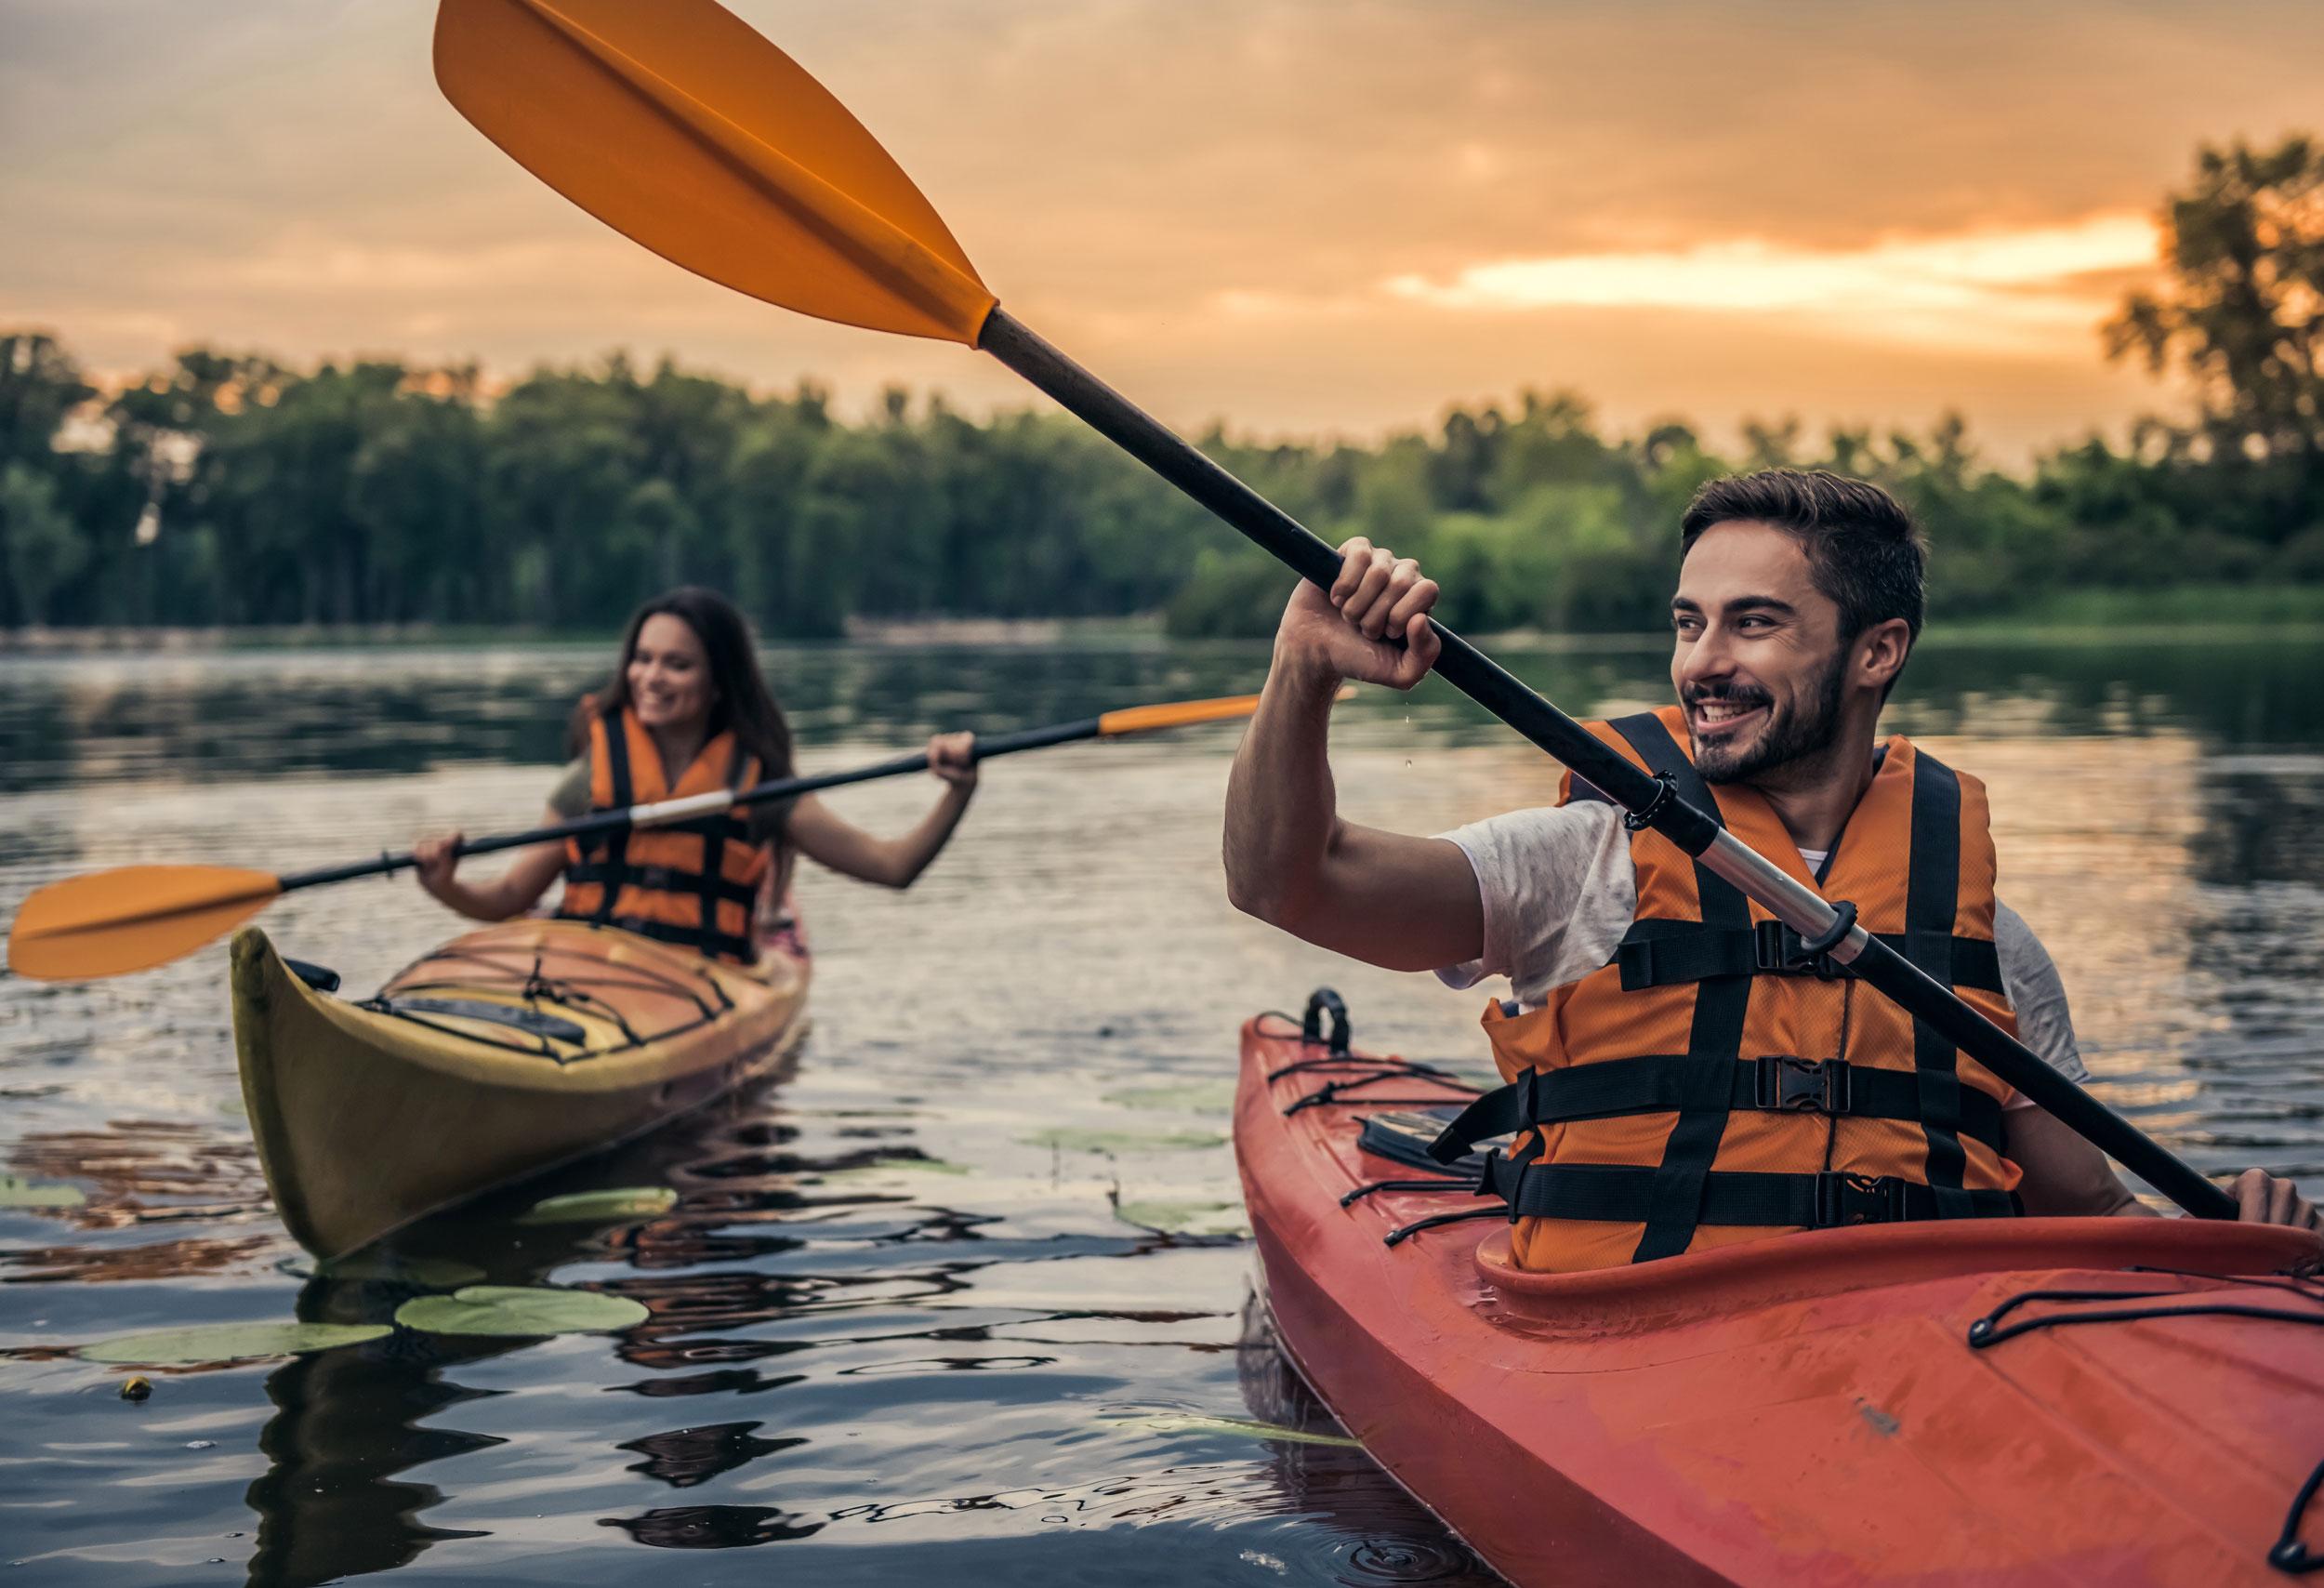 roanoke oral surgery kayaking